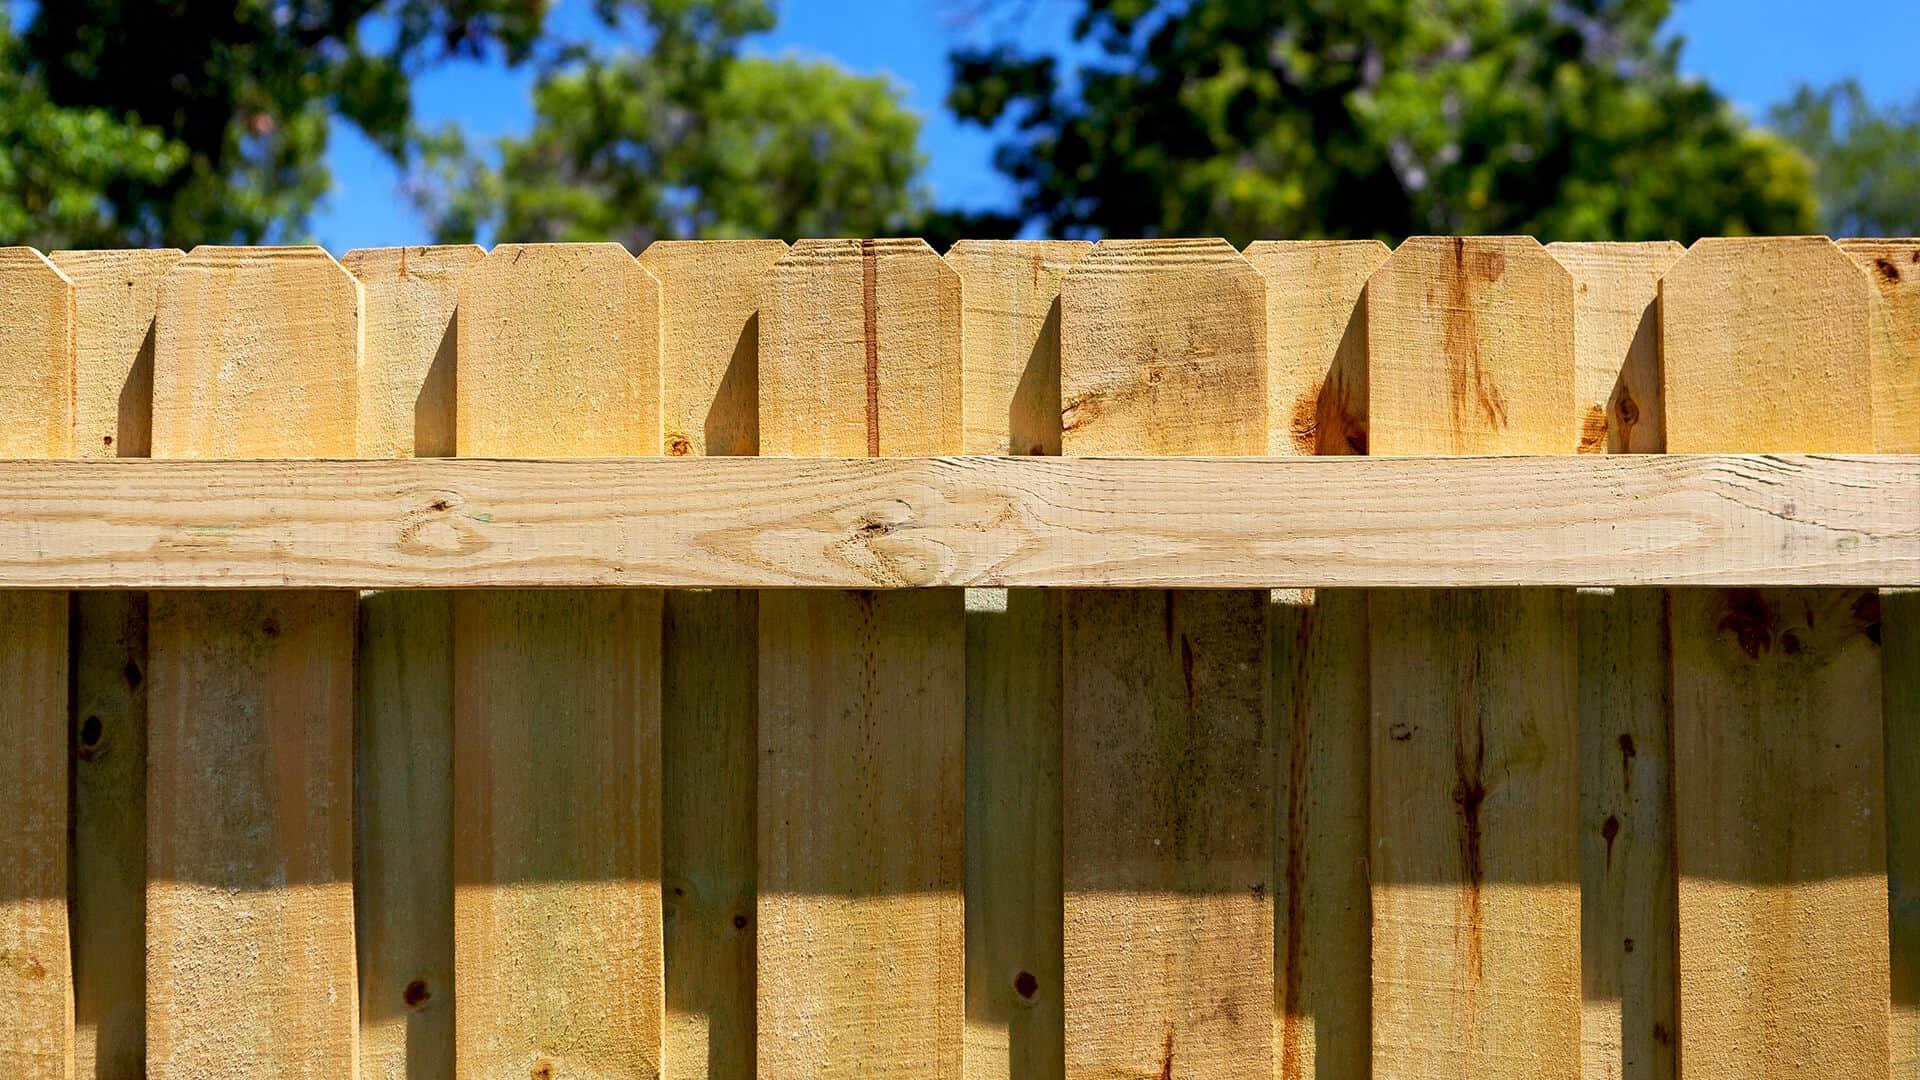 Southwest Florida Fence Company | (239) 309-7497